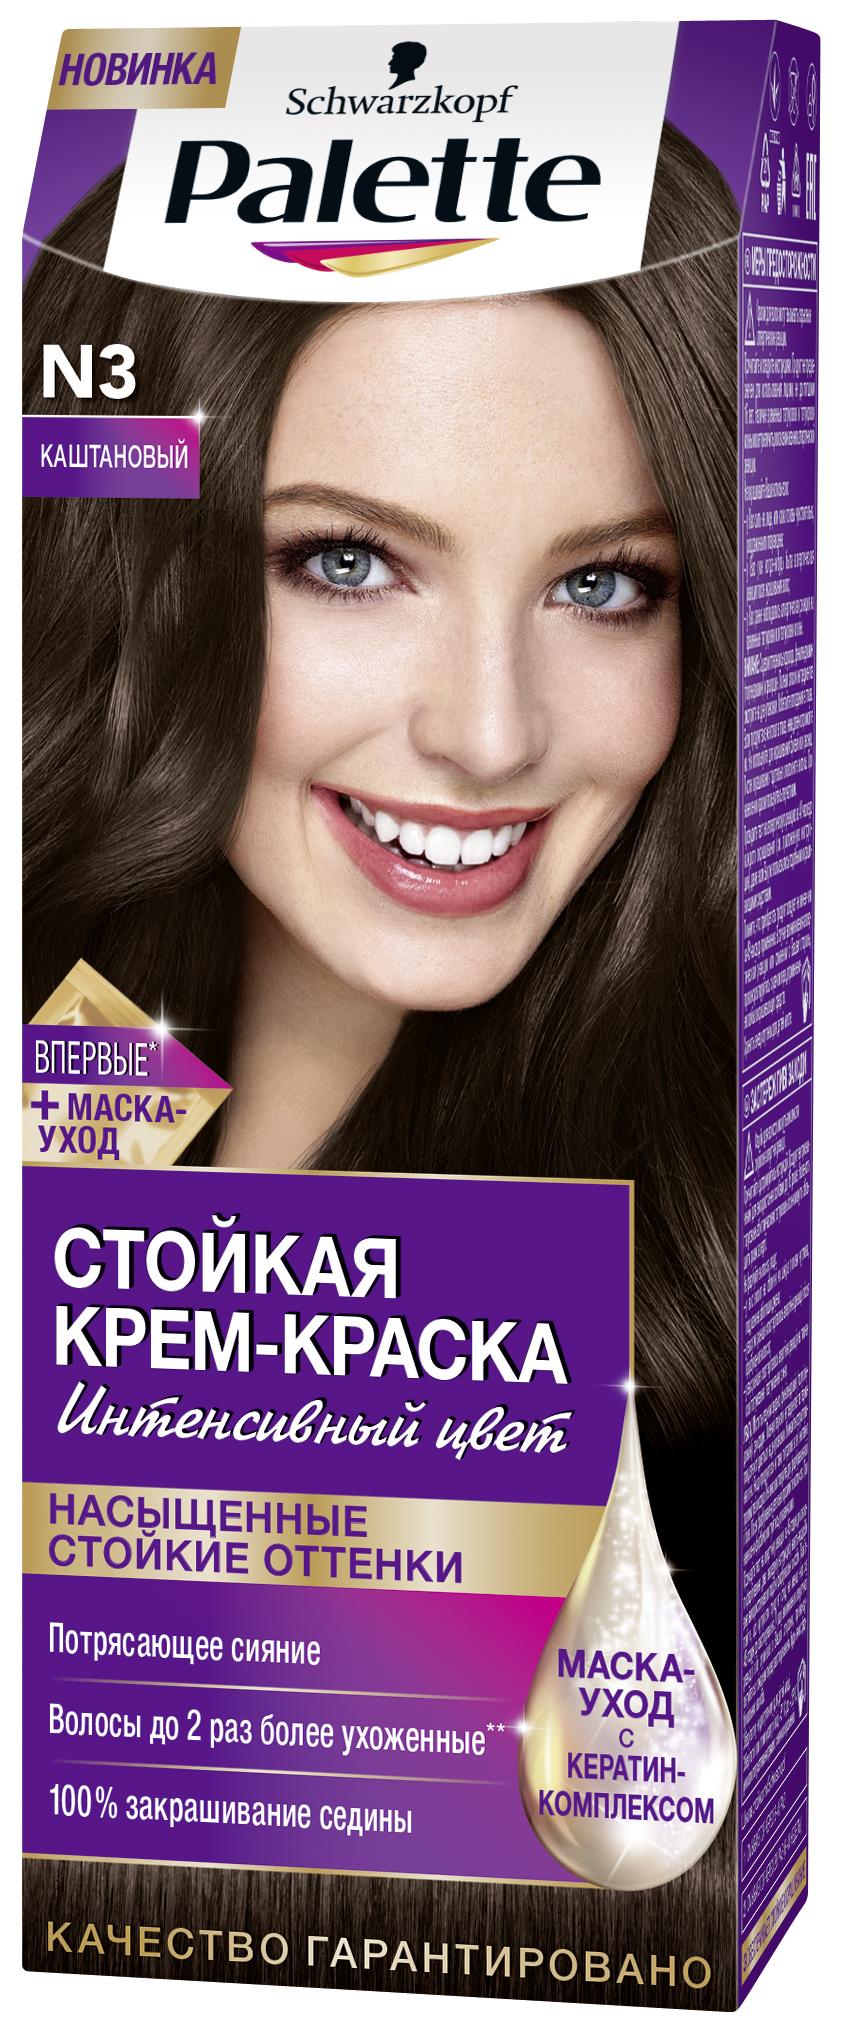 Palette Стойкая крем-краска N3 Каштановый 110мл09350300Знаменитая краска для волос Palette при использовании тщательно окрашивает волосы, стойко сохраняет цвет, имеет множество разнообразных оттенков на любой, самый взыскательный, вкус.